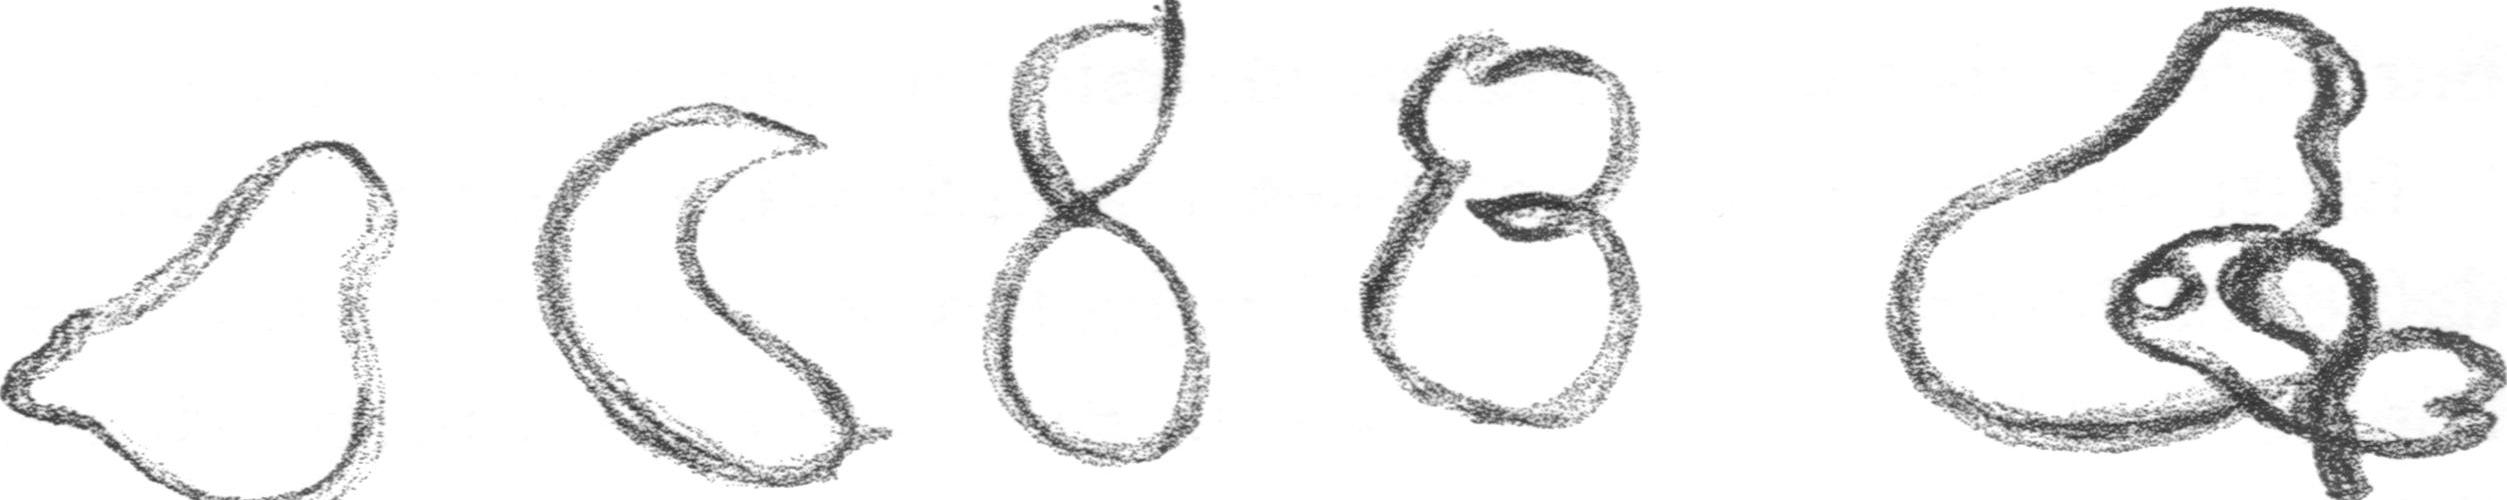 GA 311 blz. 51